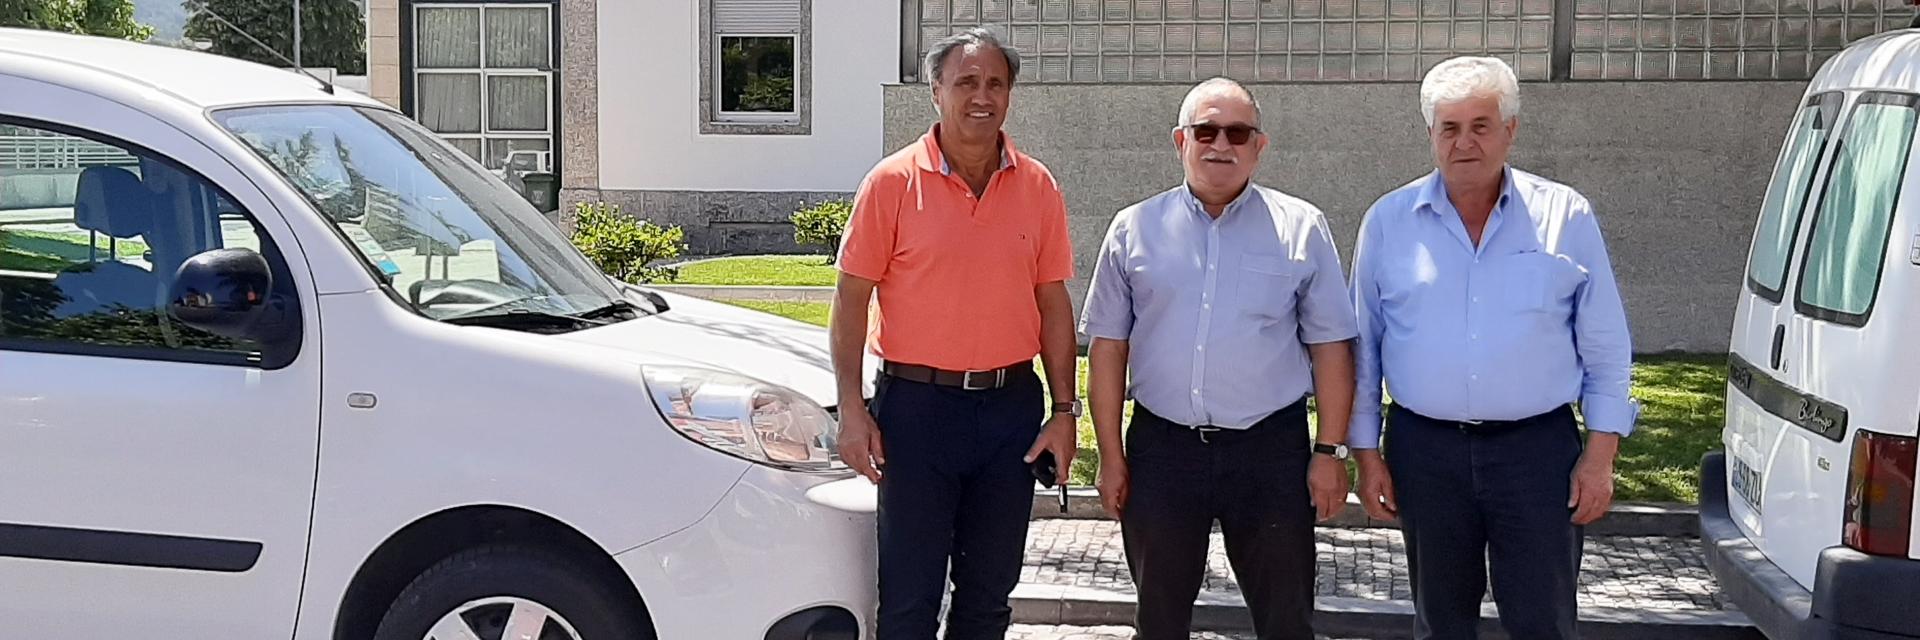 REN REFORÇA APOIO SOCIAL DA UNIÃO DE FREGUESIAS DE RUIVÃES E CAMPOS